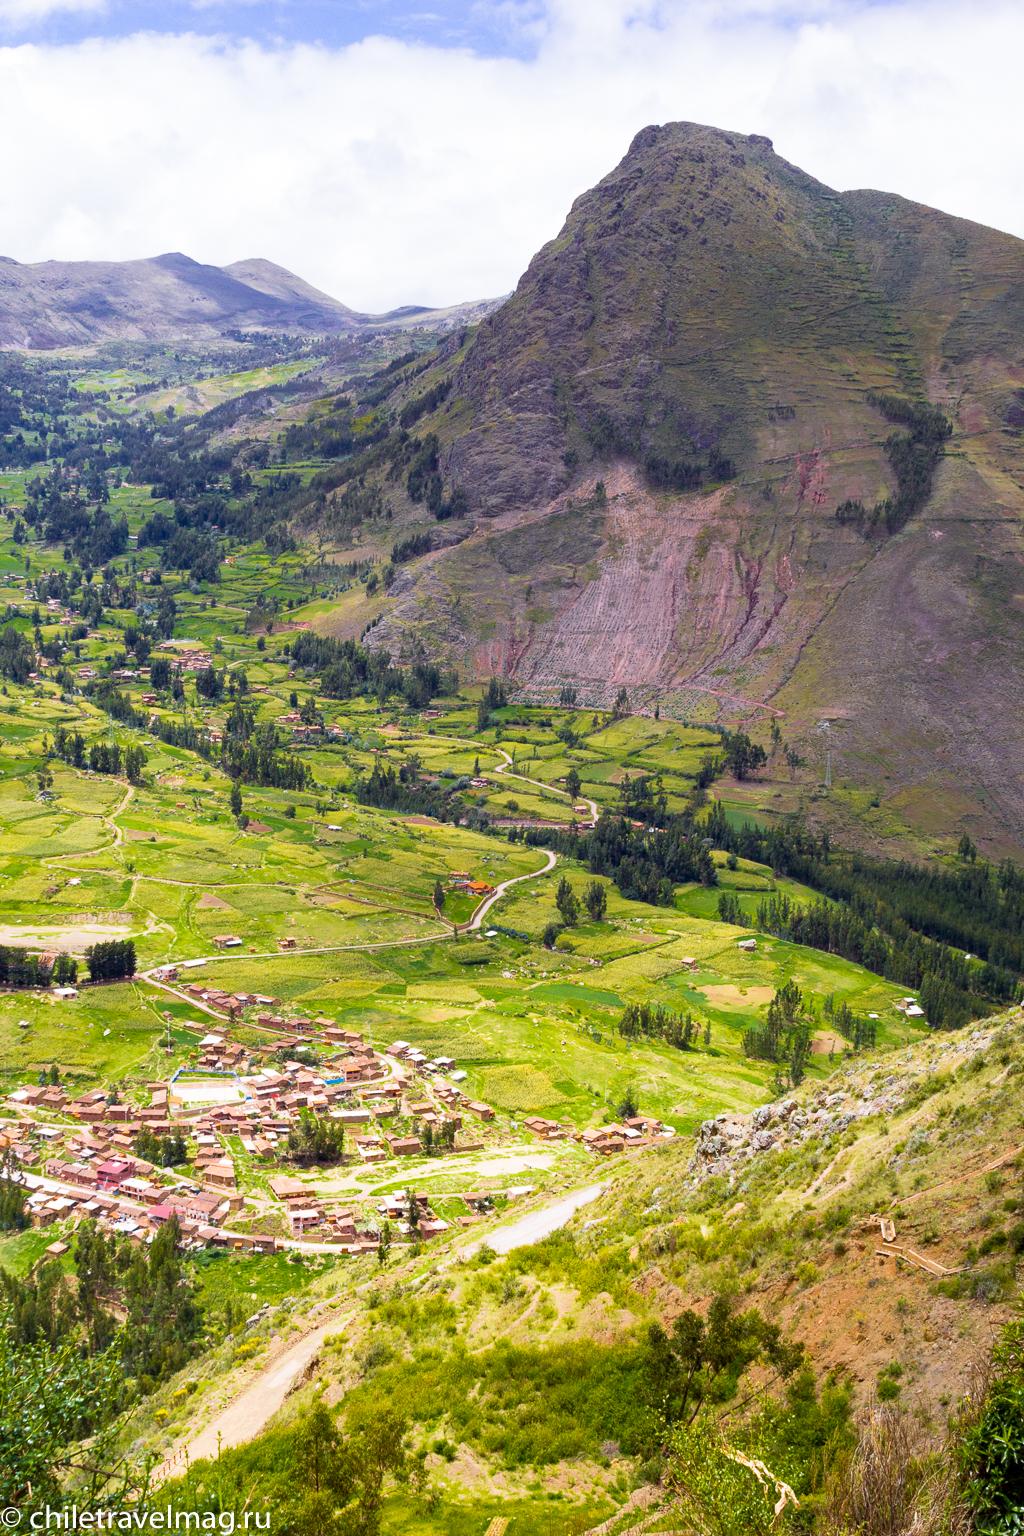 Cвященная Долина в Перу – Писак-отзыв в блоге Chiletravelmag14